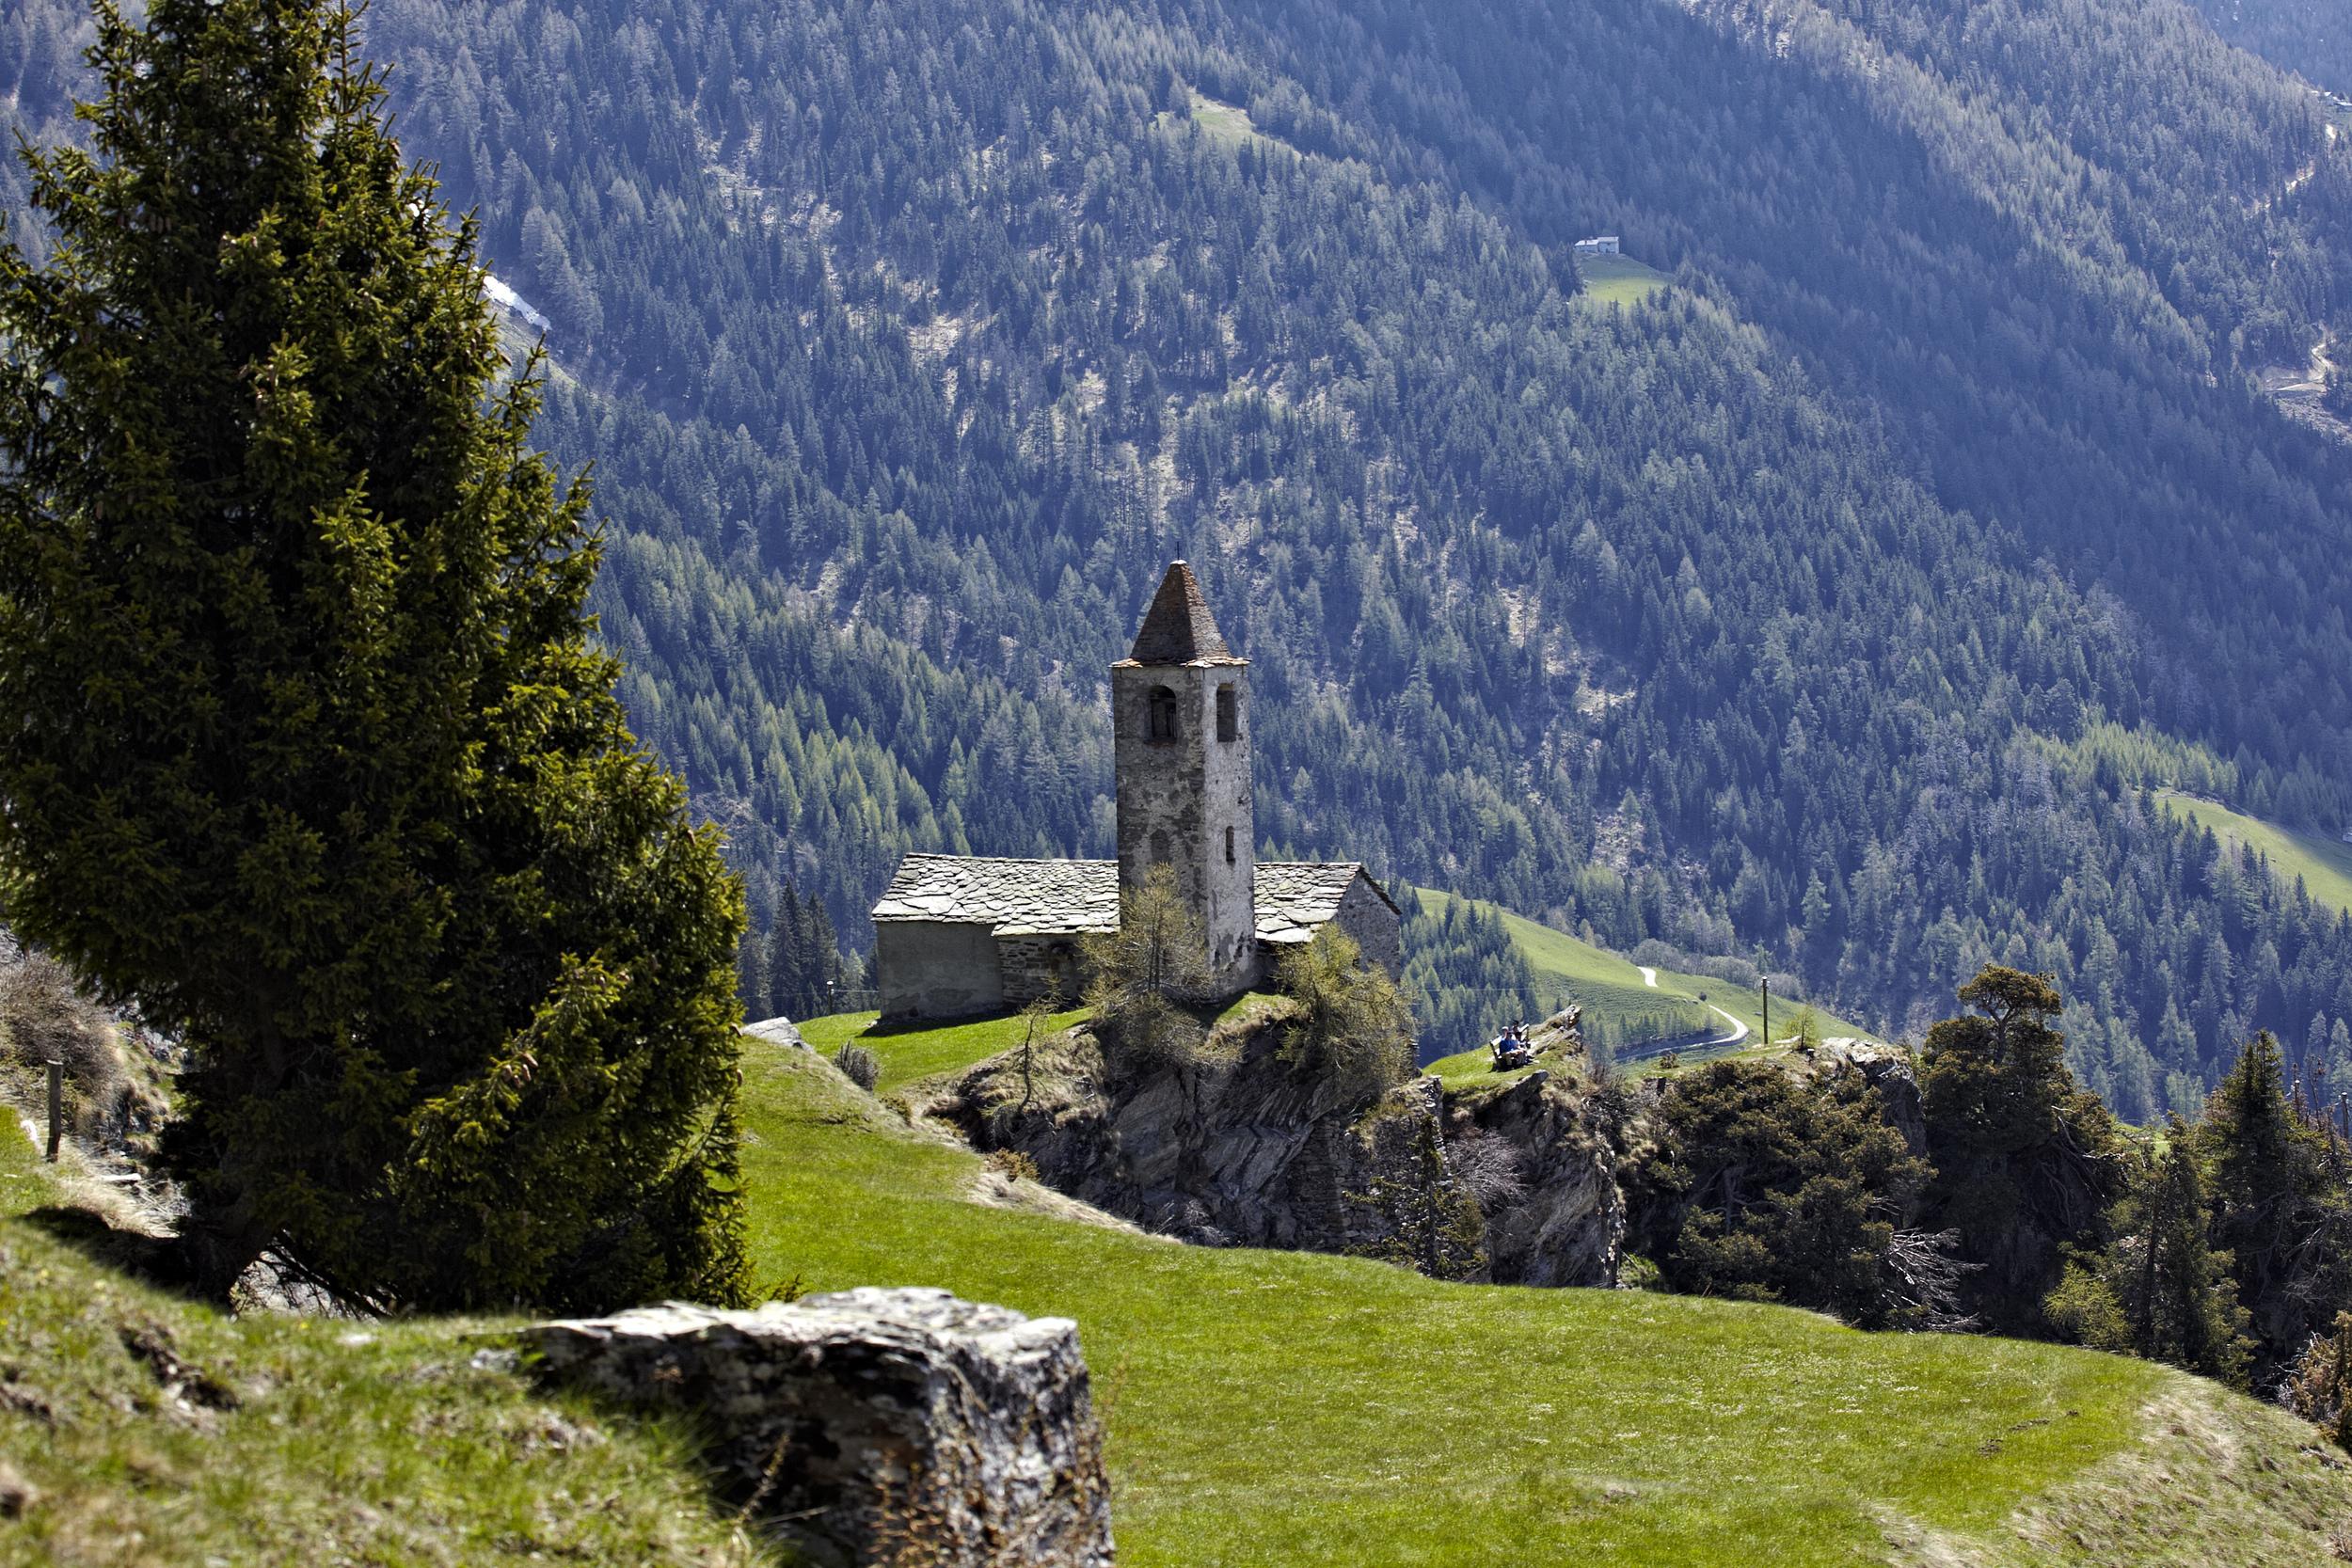 Hjemmet - Lise Petersen / Rejse reportage fra vandre og blomster tur til Poschiavo dalen i Schweiz med Ruby Rejsers guide Renata Lohse.